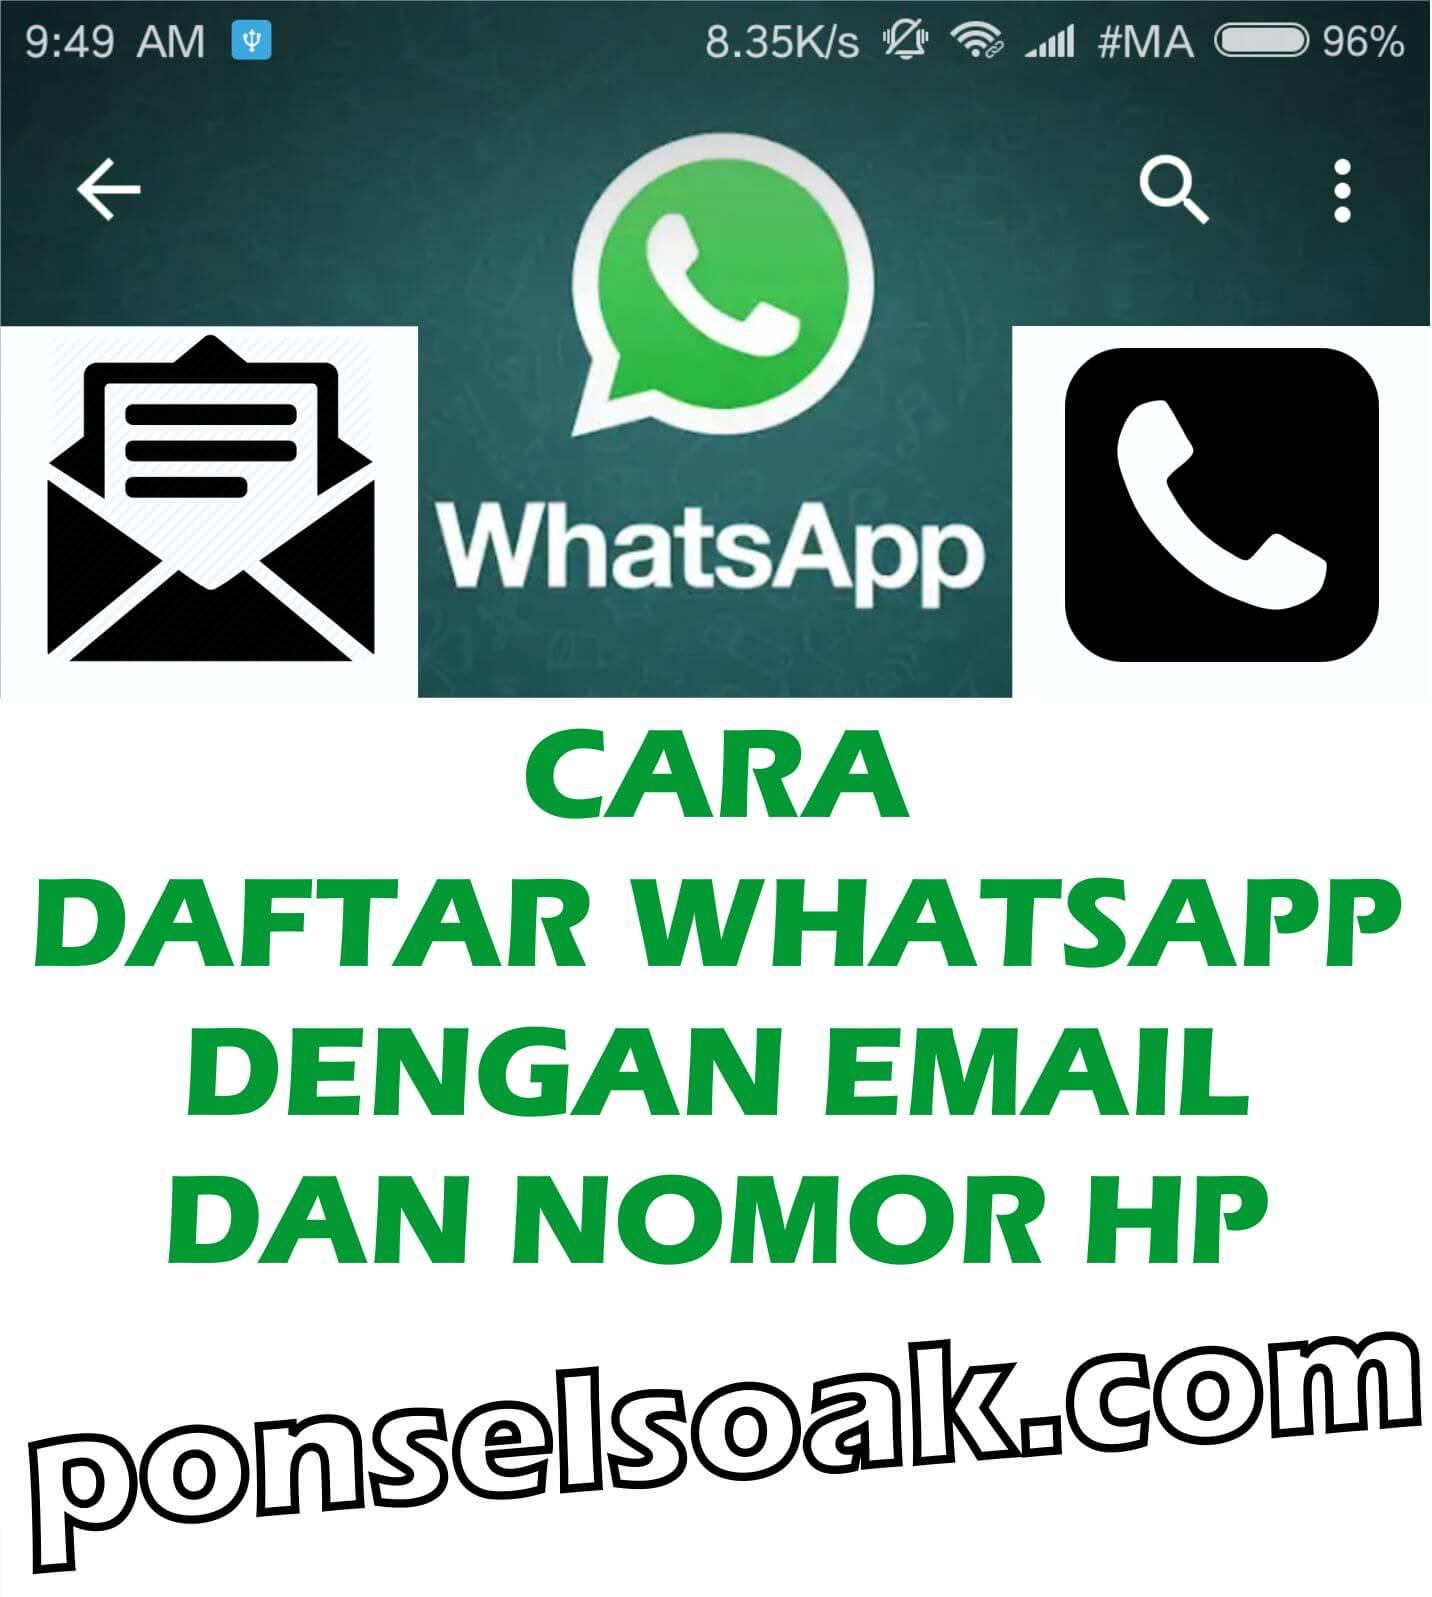 Cara daftar whatsapp dengan email dan nomor hp